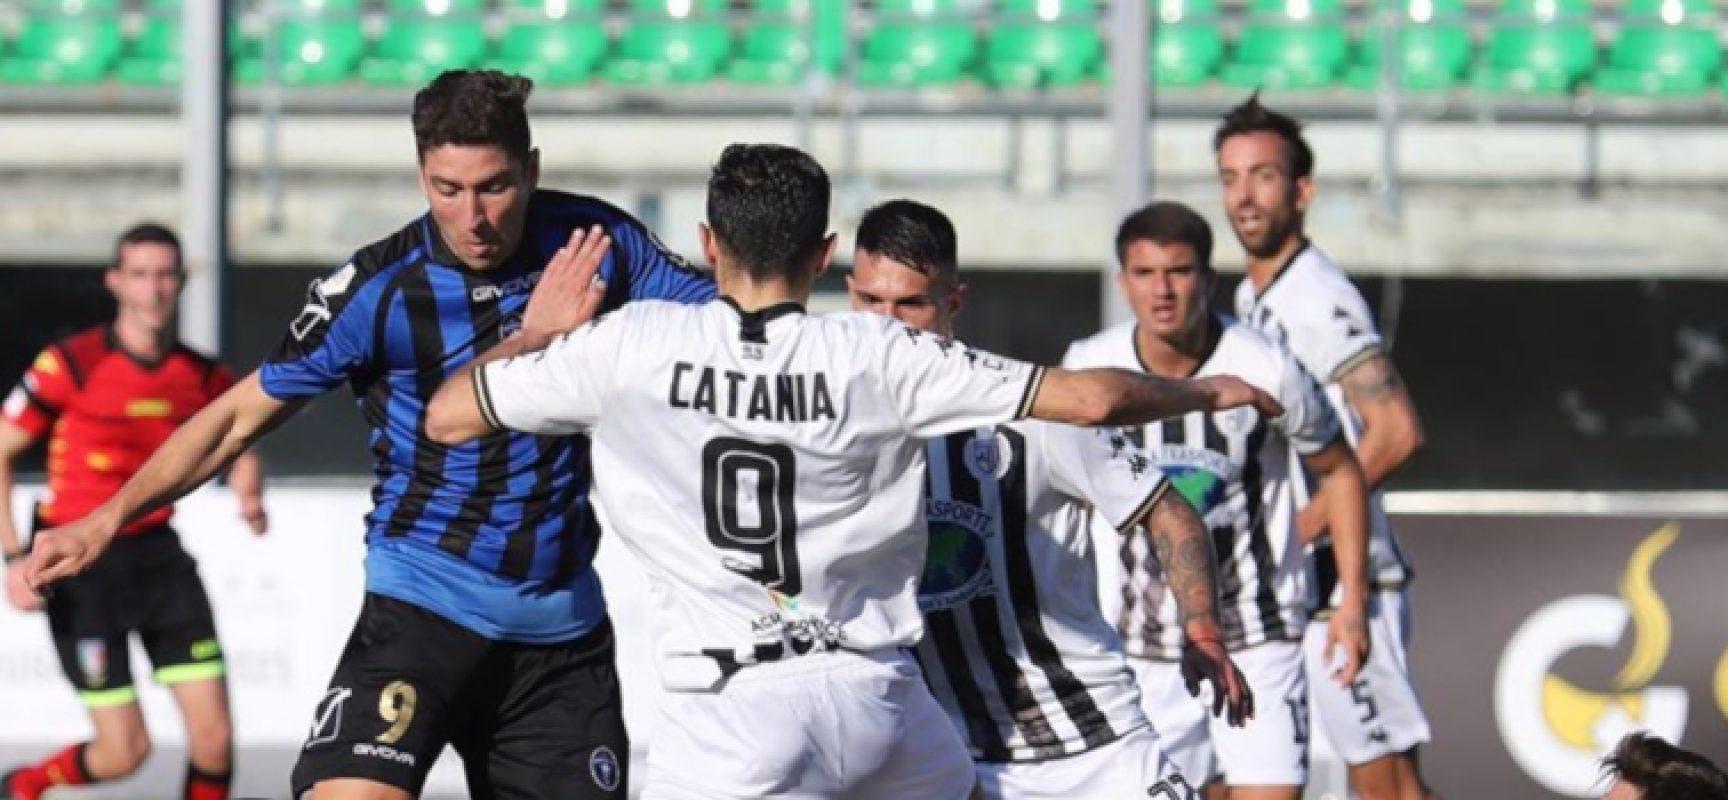 Bisceglie Calcio sconfitto dalla Sicula Leonzio nello scontro salvezza